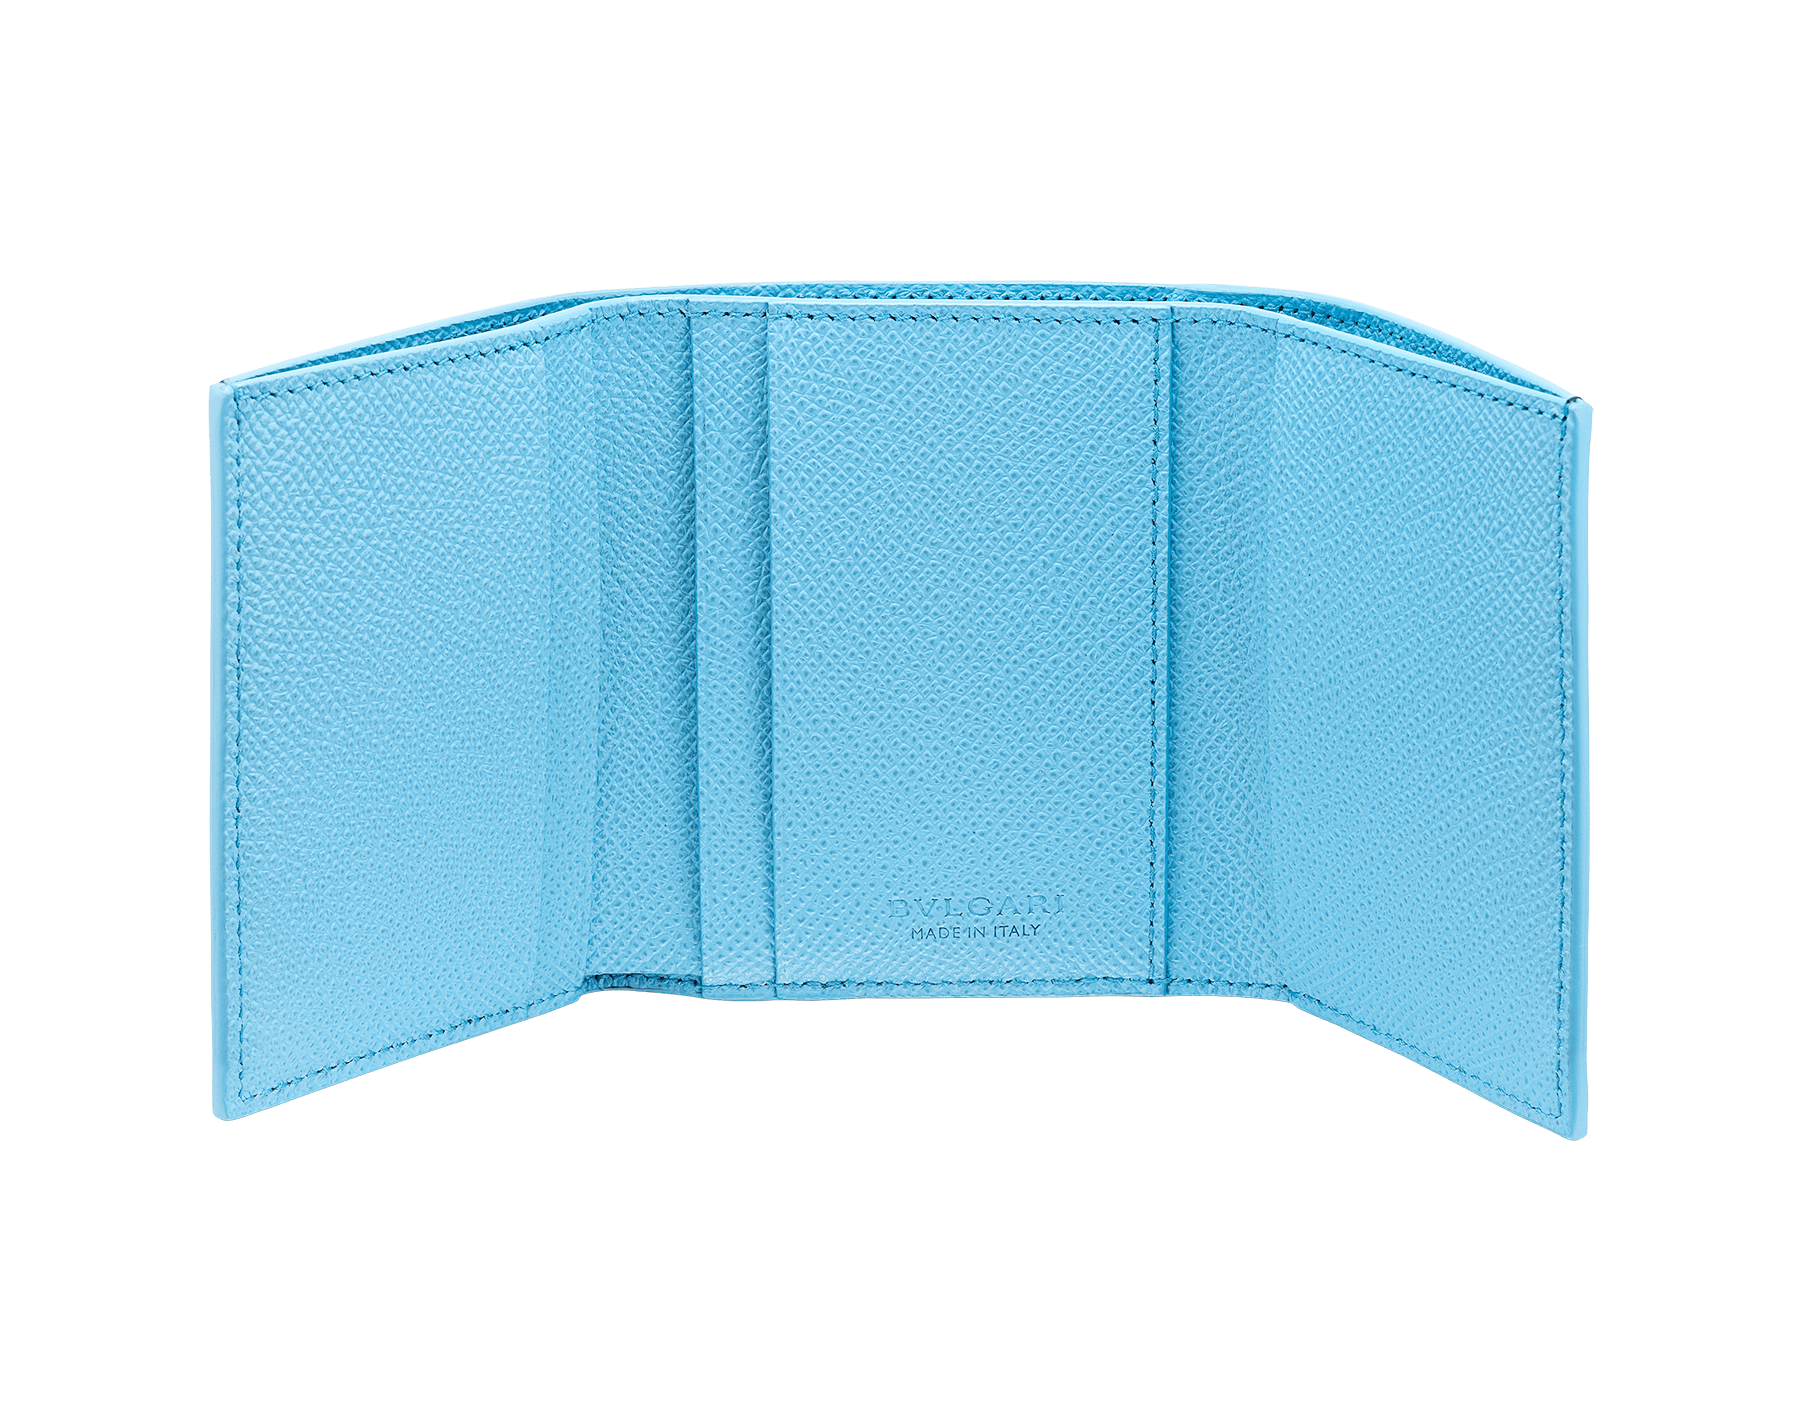 Denim SapphireのブルーとAegean Topazのライトブルーのグレインカーフレザー製「ブルガリ・ブルガリ」スリムコンパクトウォレット。 ブラスパラジウムプレートのアイコニックなロゴのクロージャークリップ。 290669 image 2